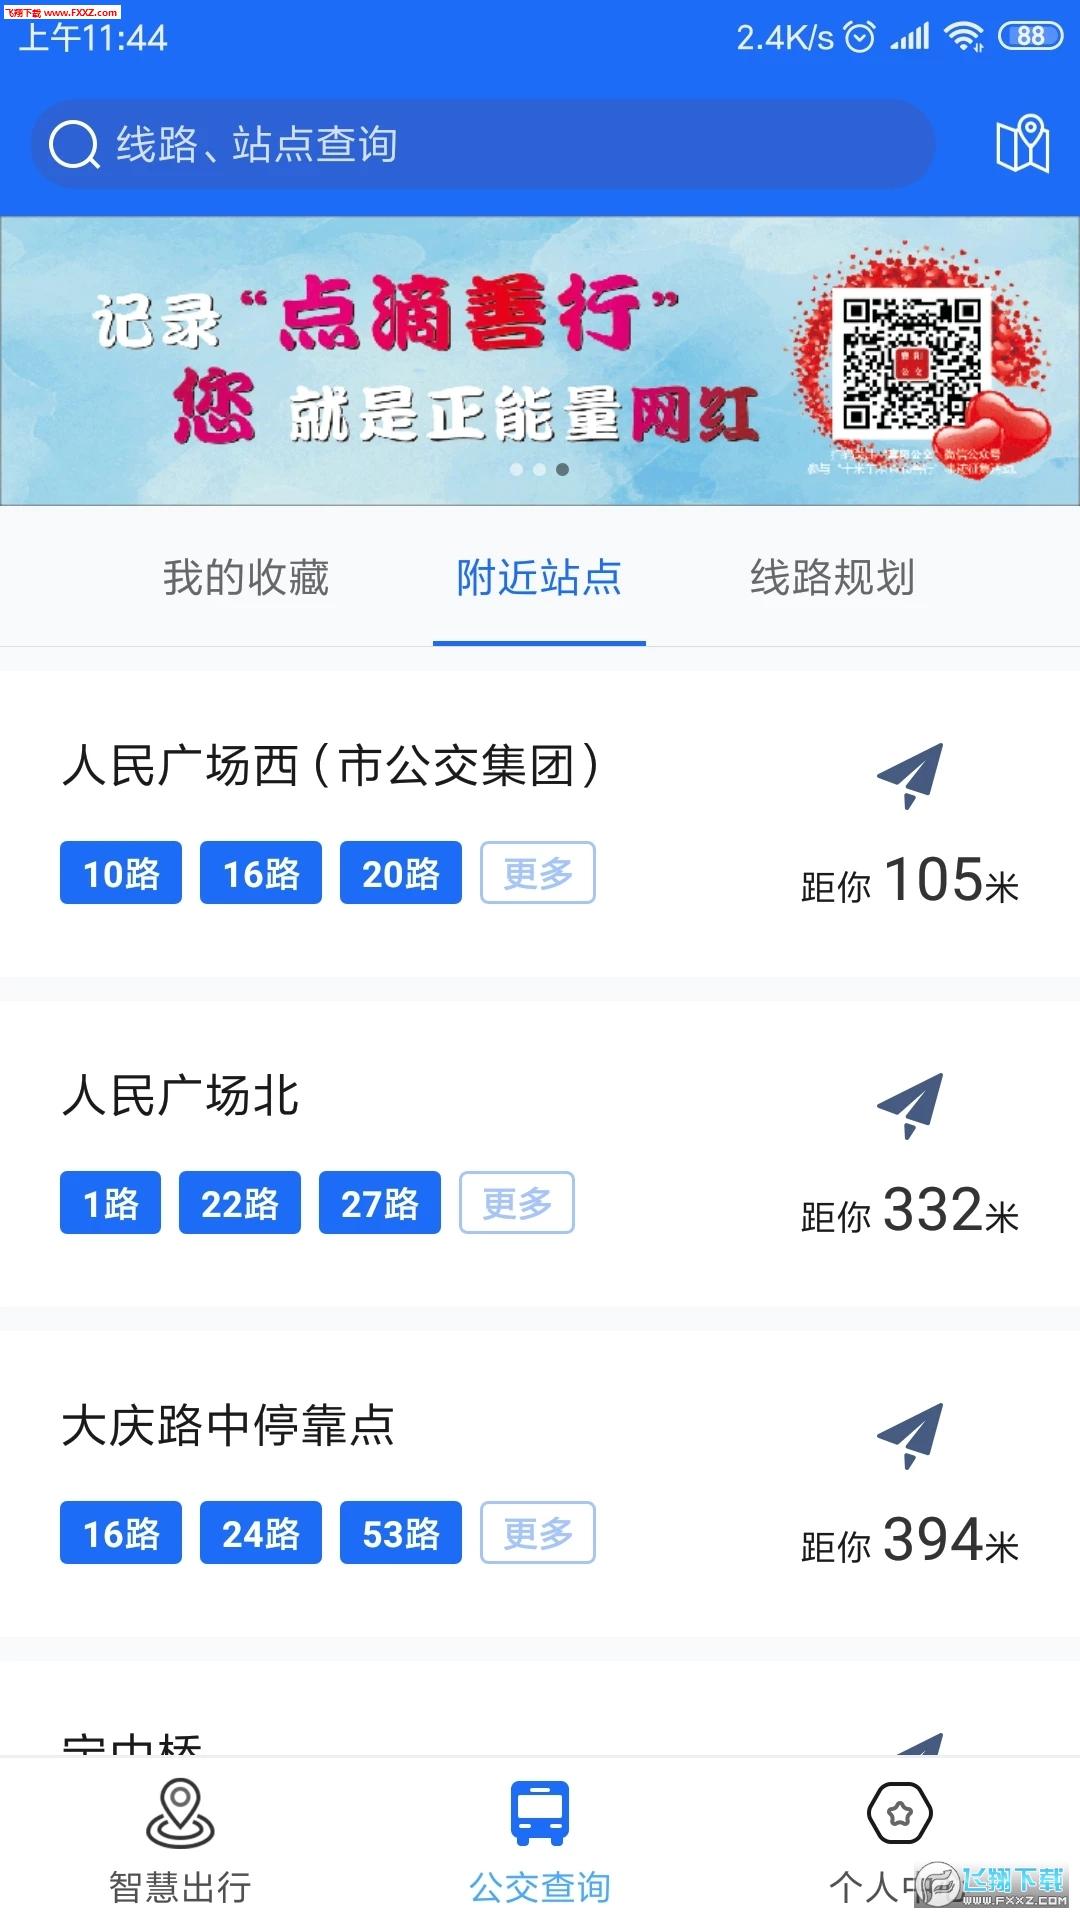 襄阳出行app官方版3.7.4截图0